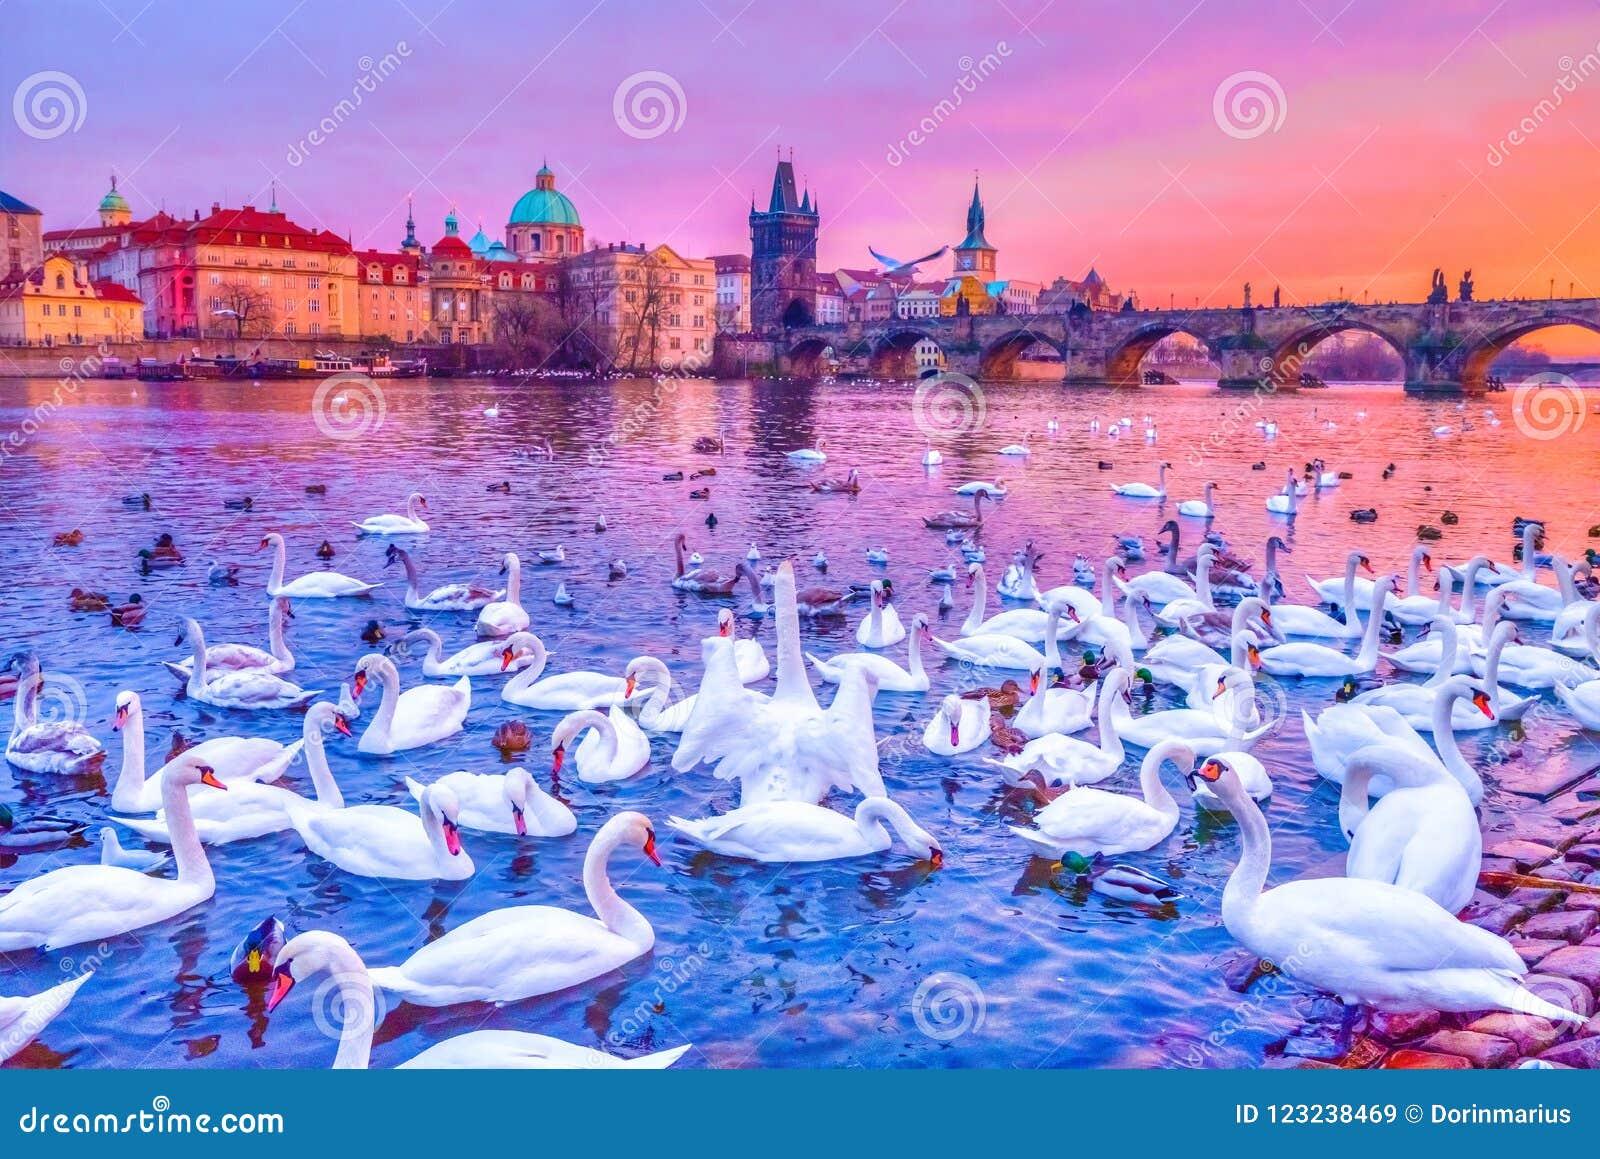 Swans on Vltava river, Charles Bridge at sunset in Prague, Czech Republic.